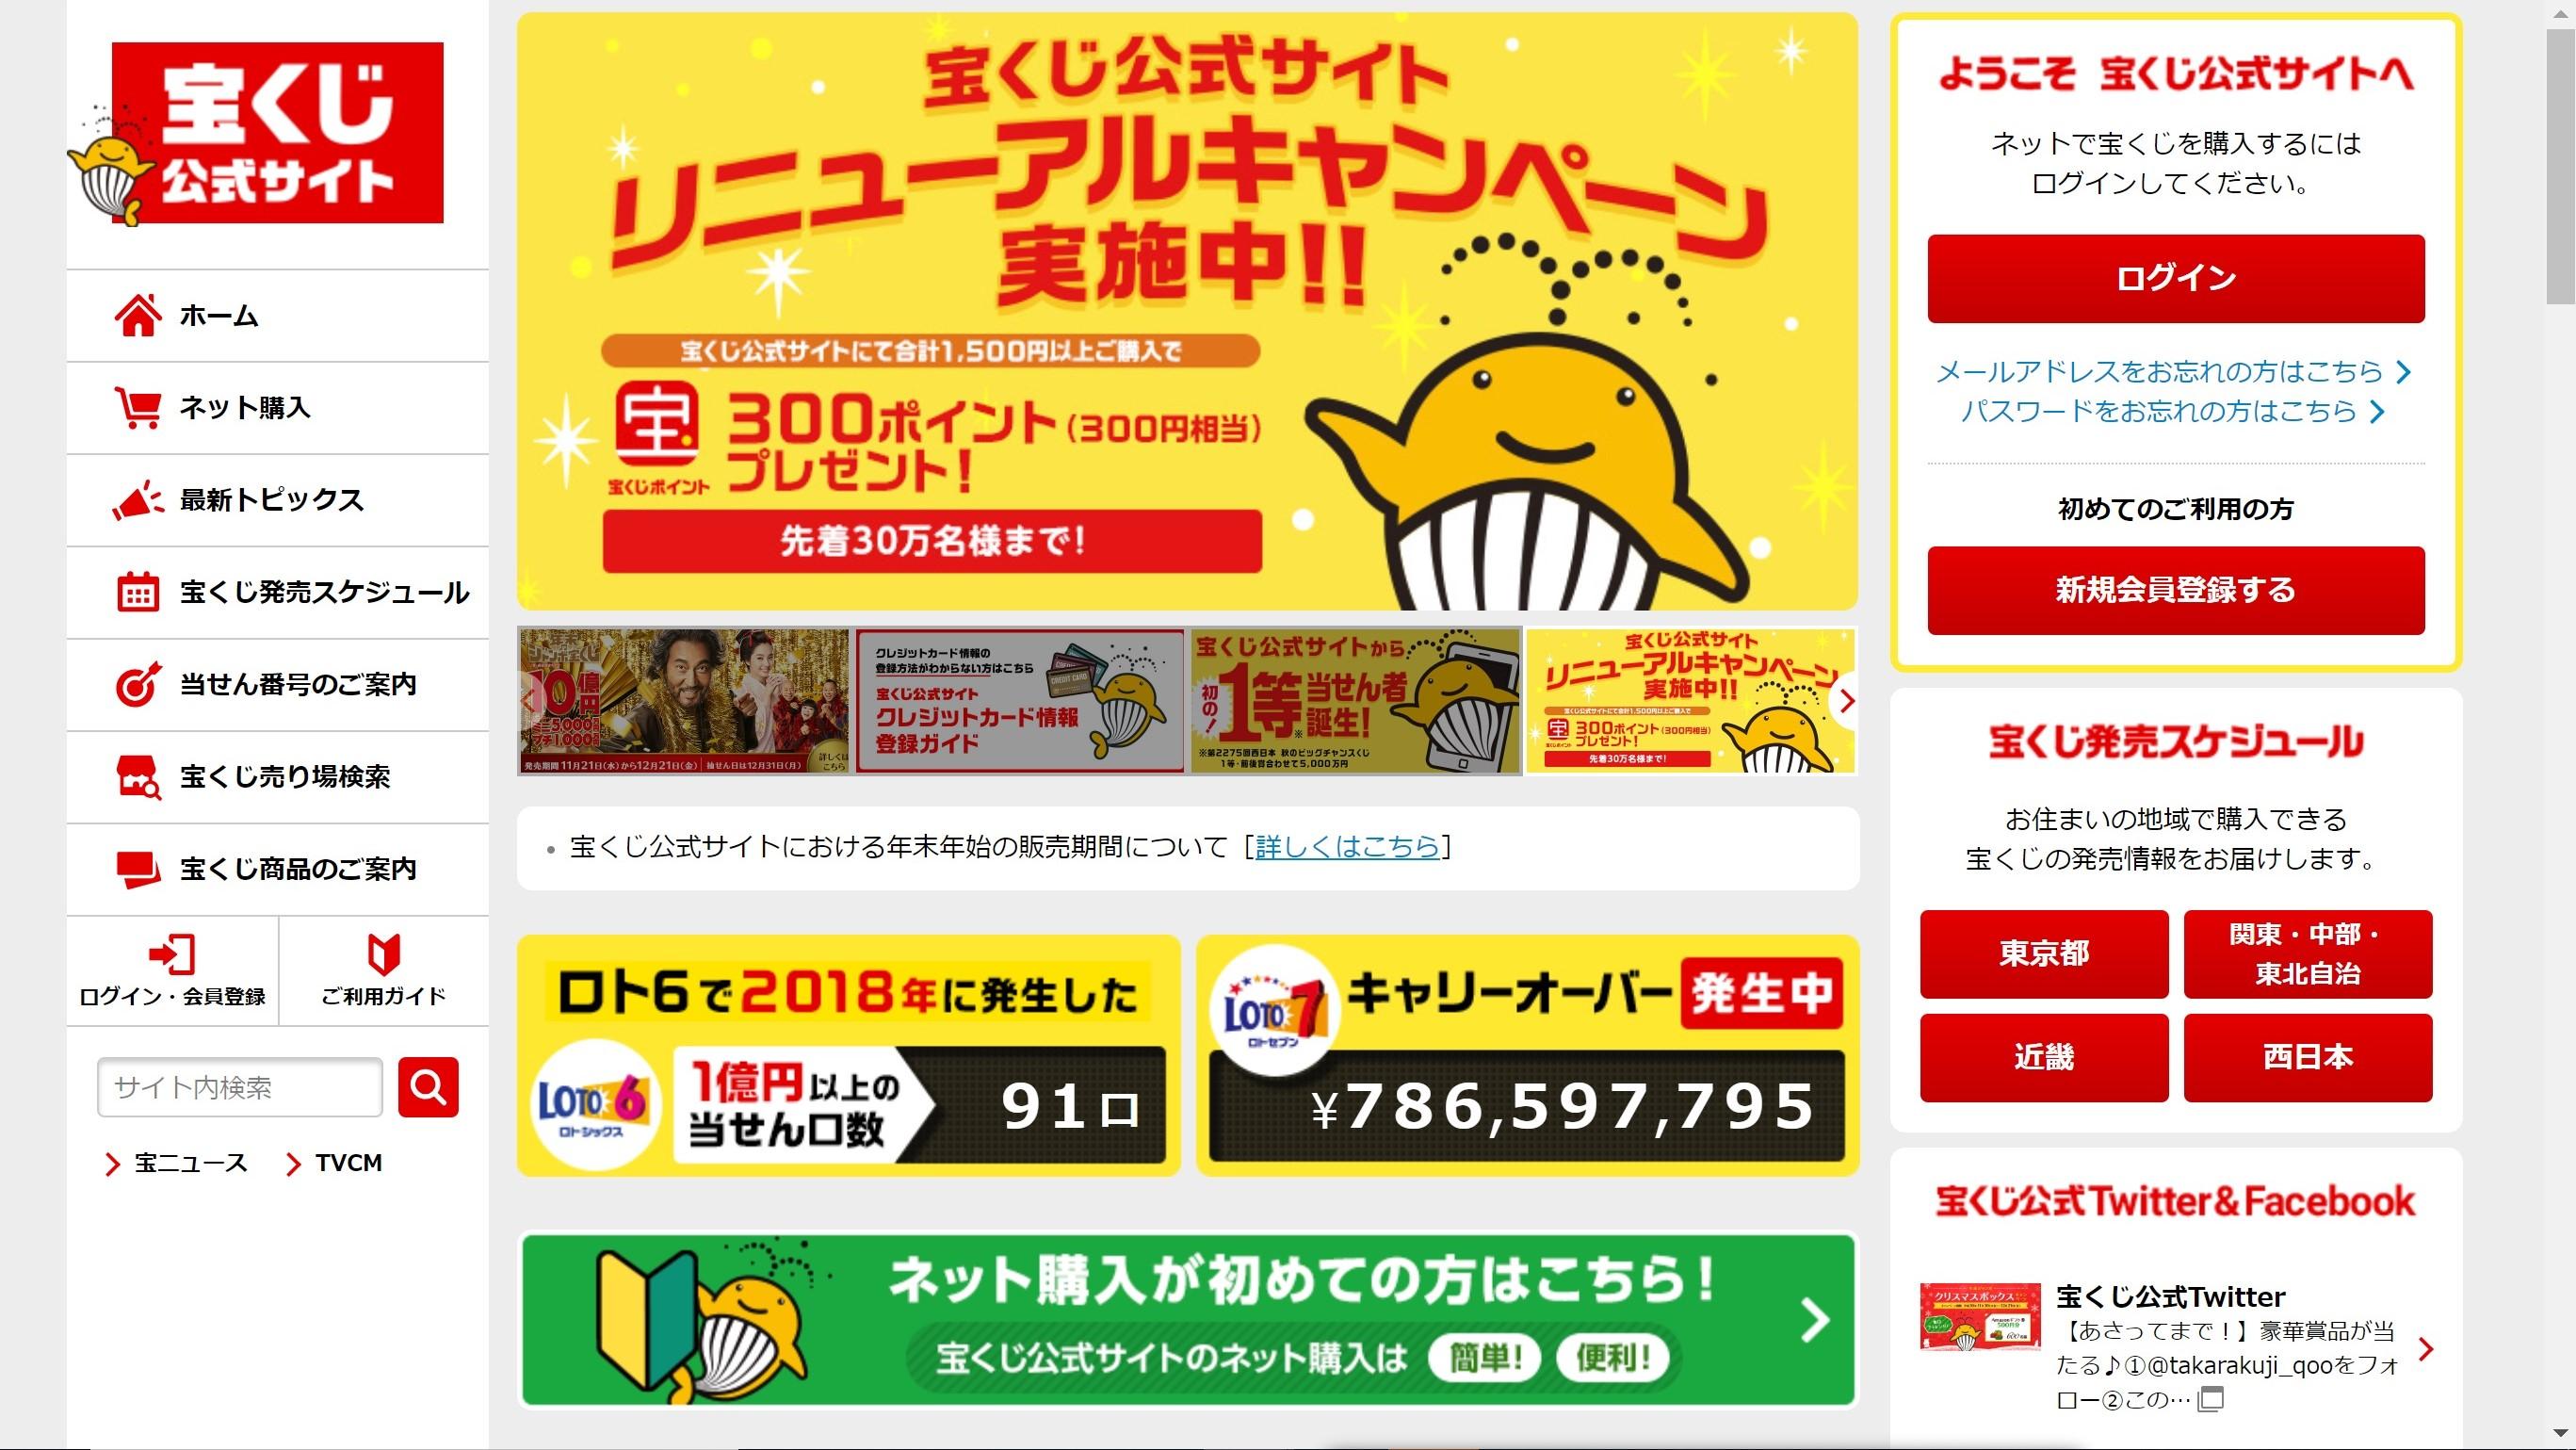 みずほ銀行宝くじ公式サイト